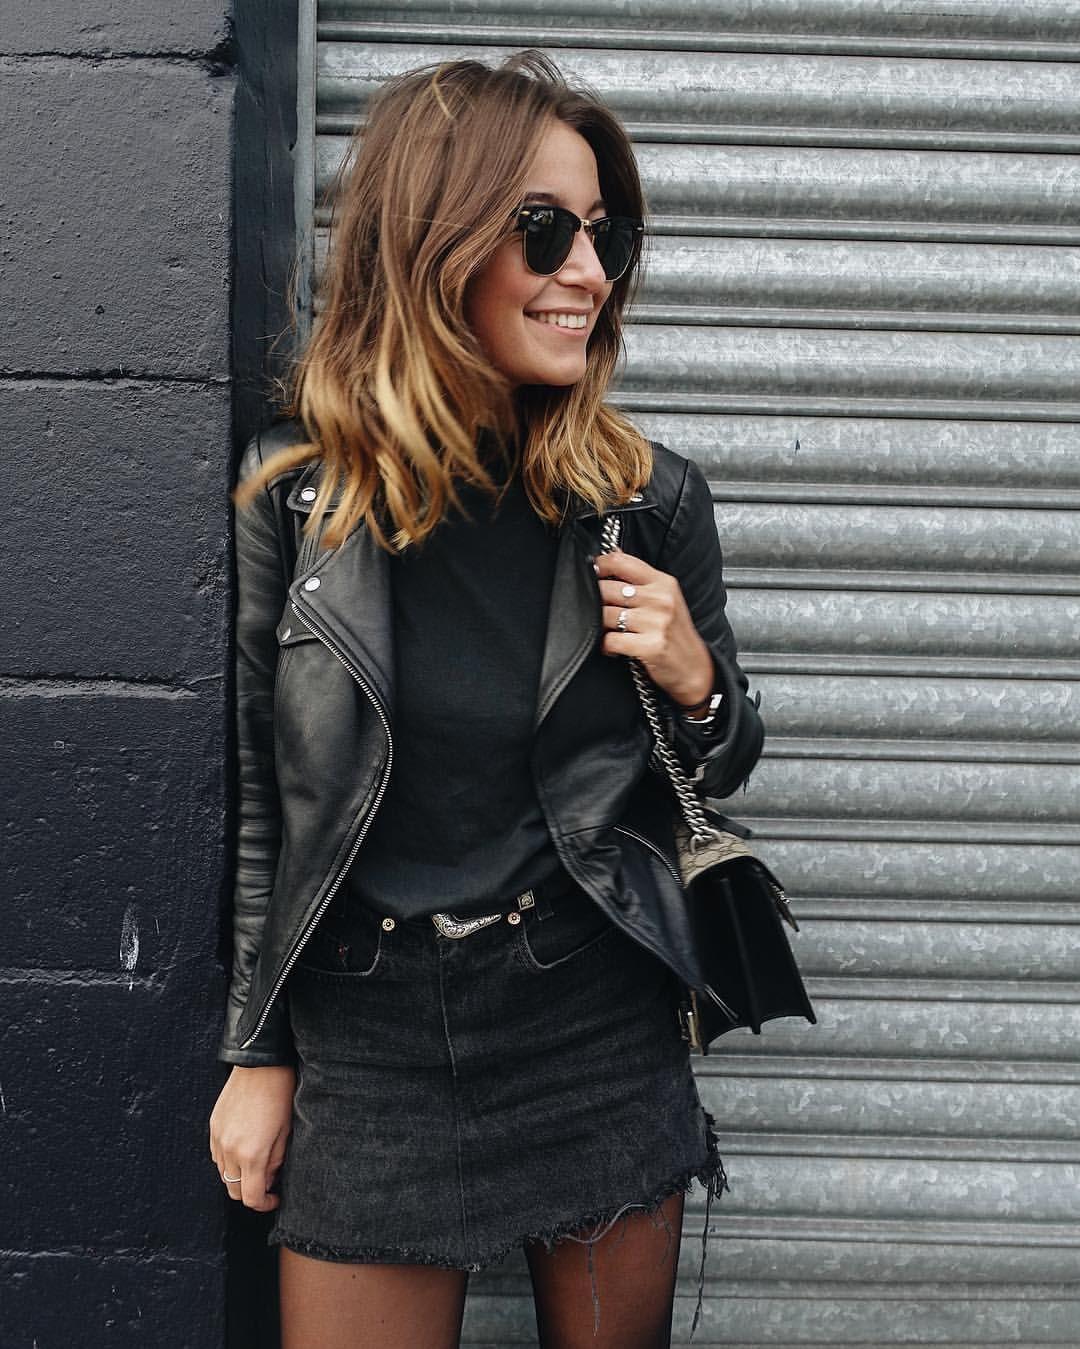 17ec2e29d0 All black. Black leather jacket. Black mini skirt | All black ...